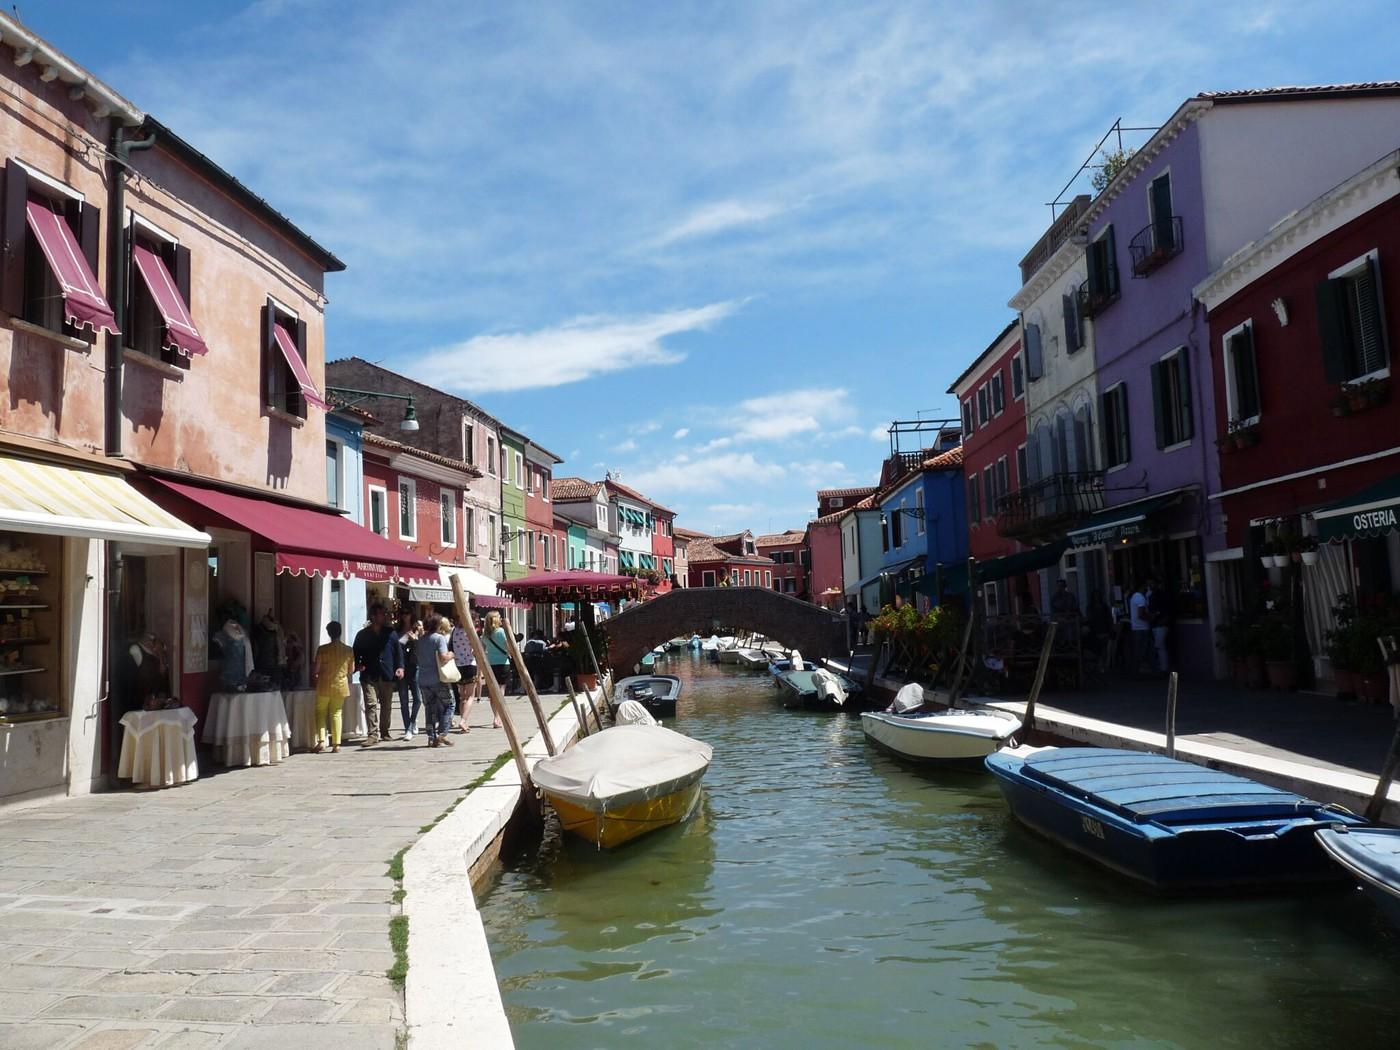 Reiseziele 2017: Venedig, Burano